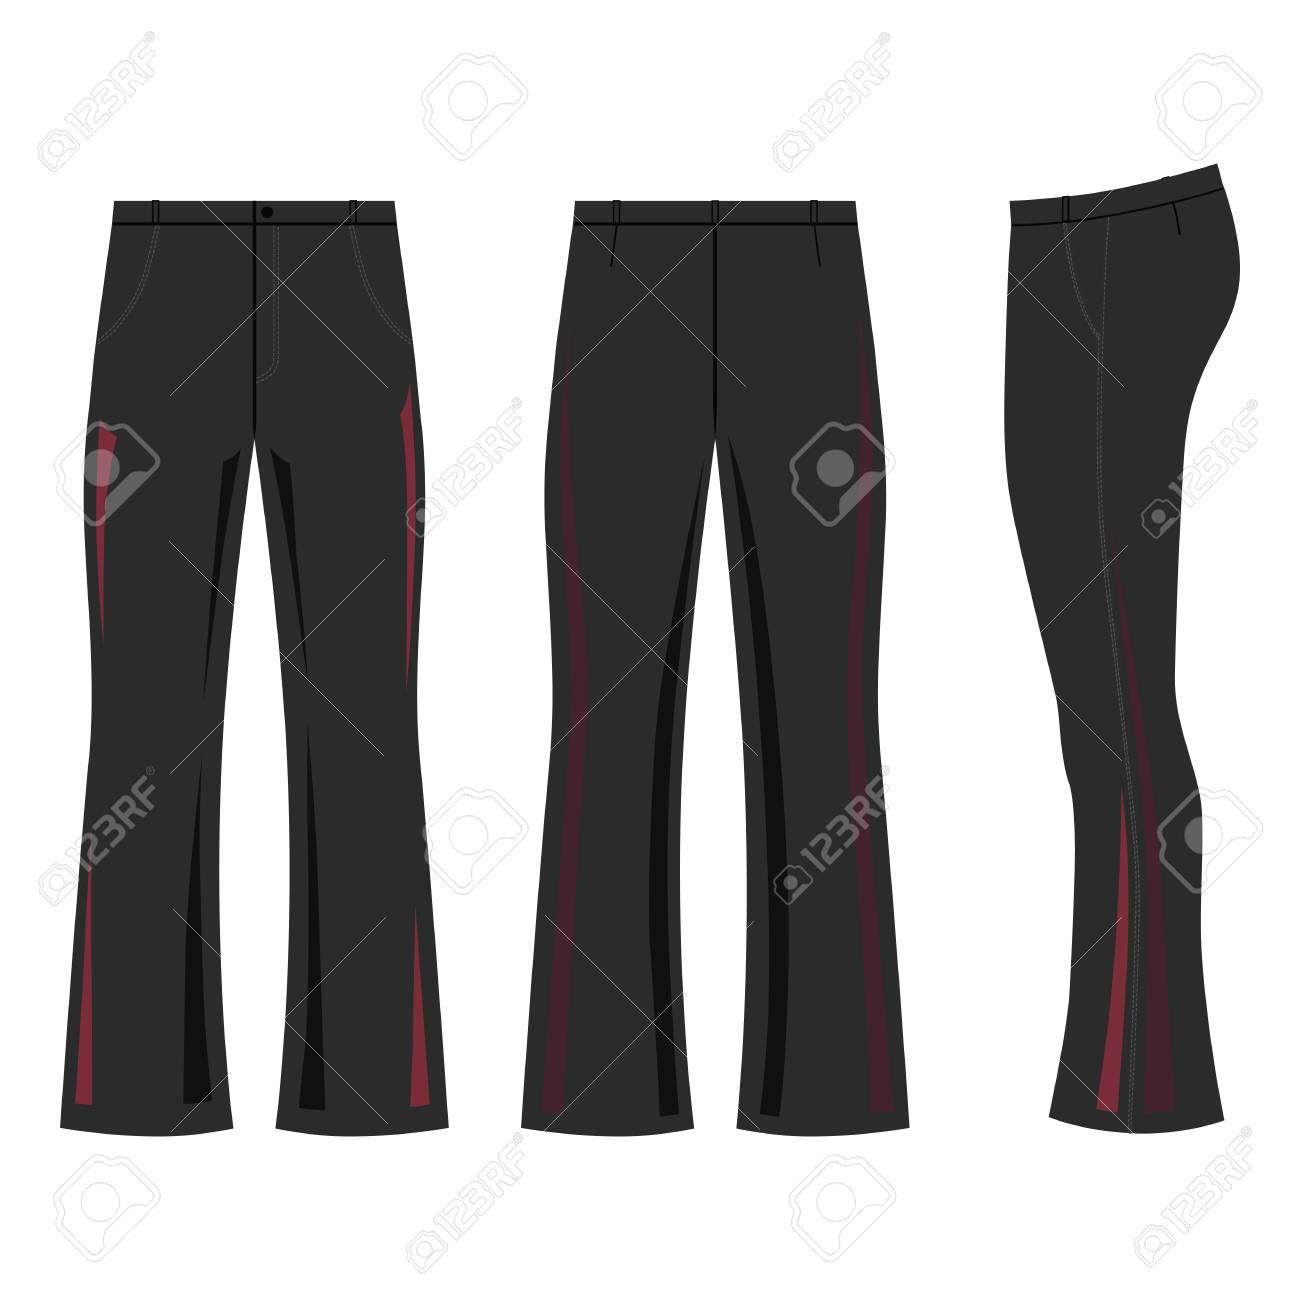 52a6d5882 ... ilustración vectorial aislada sobre fondo blanco. El hombre destacó los  pantalones oscuros de la llamarada de la plantilla (frente, vista